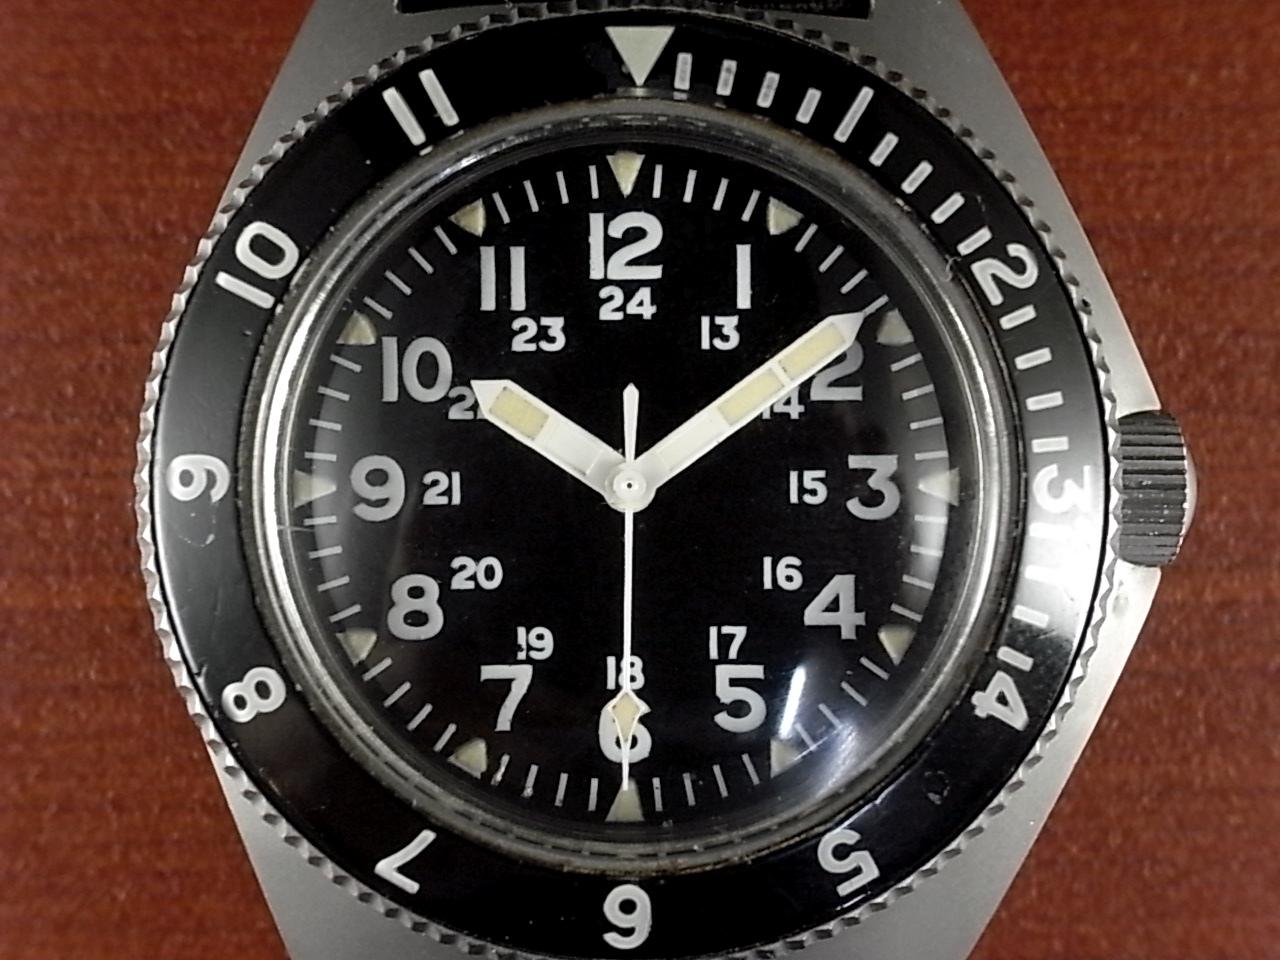 ベンラス 米軍特殊部隊 タイプⅡクラスA ダイバーズウォッチ 1970年代の写真2枚目